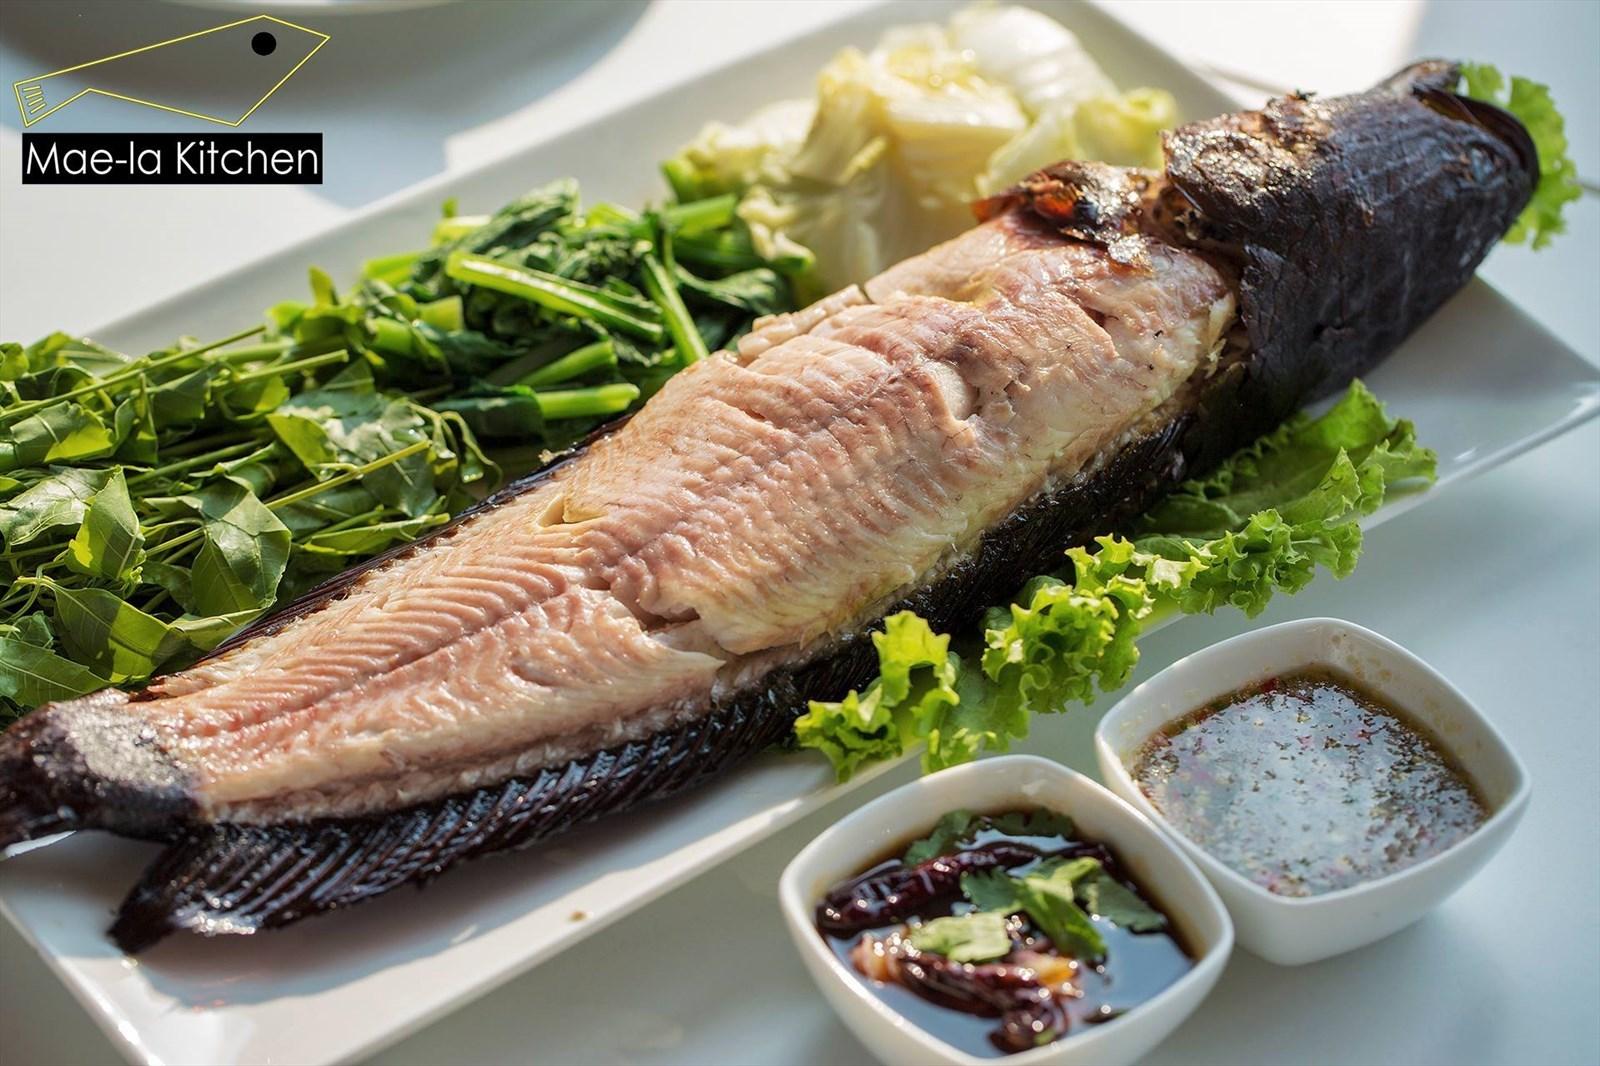 รวมร้านปลาเผาเจ้าเด็ด น้ำจิ้มแซ่บ เอาใจคนรักสุขภาพ ร้าน ปลาเผา แม่ลาคิทเช่น (Mae-La Kitchen)